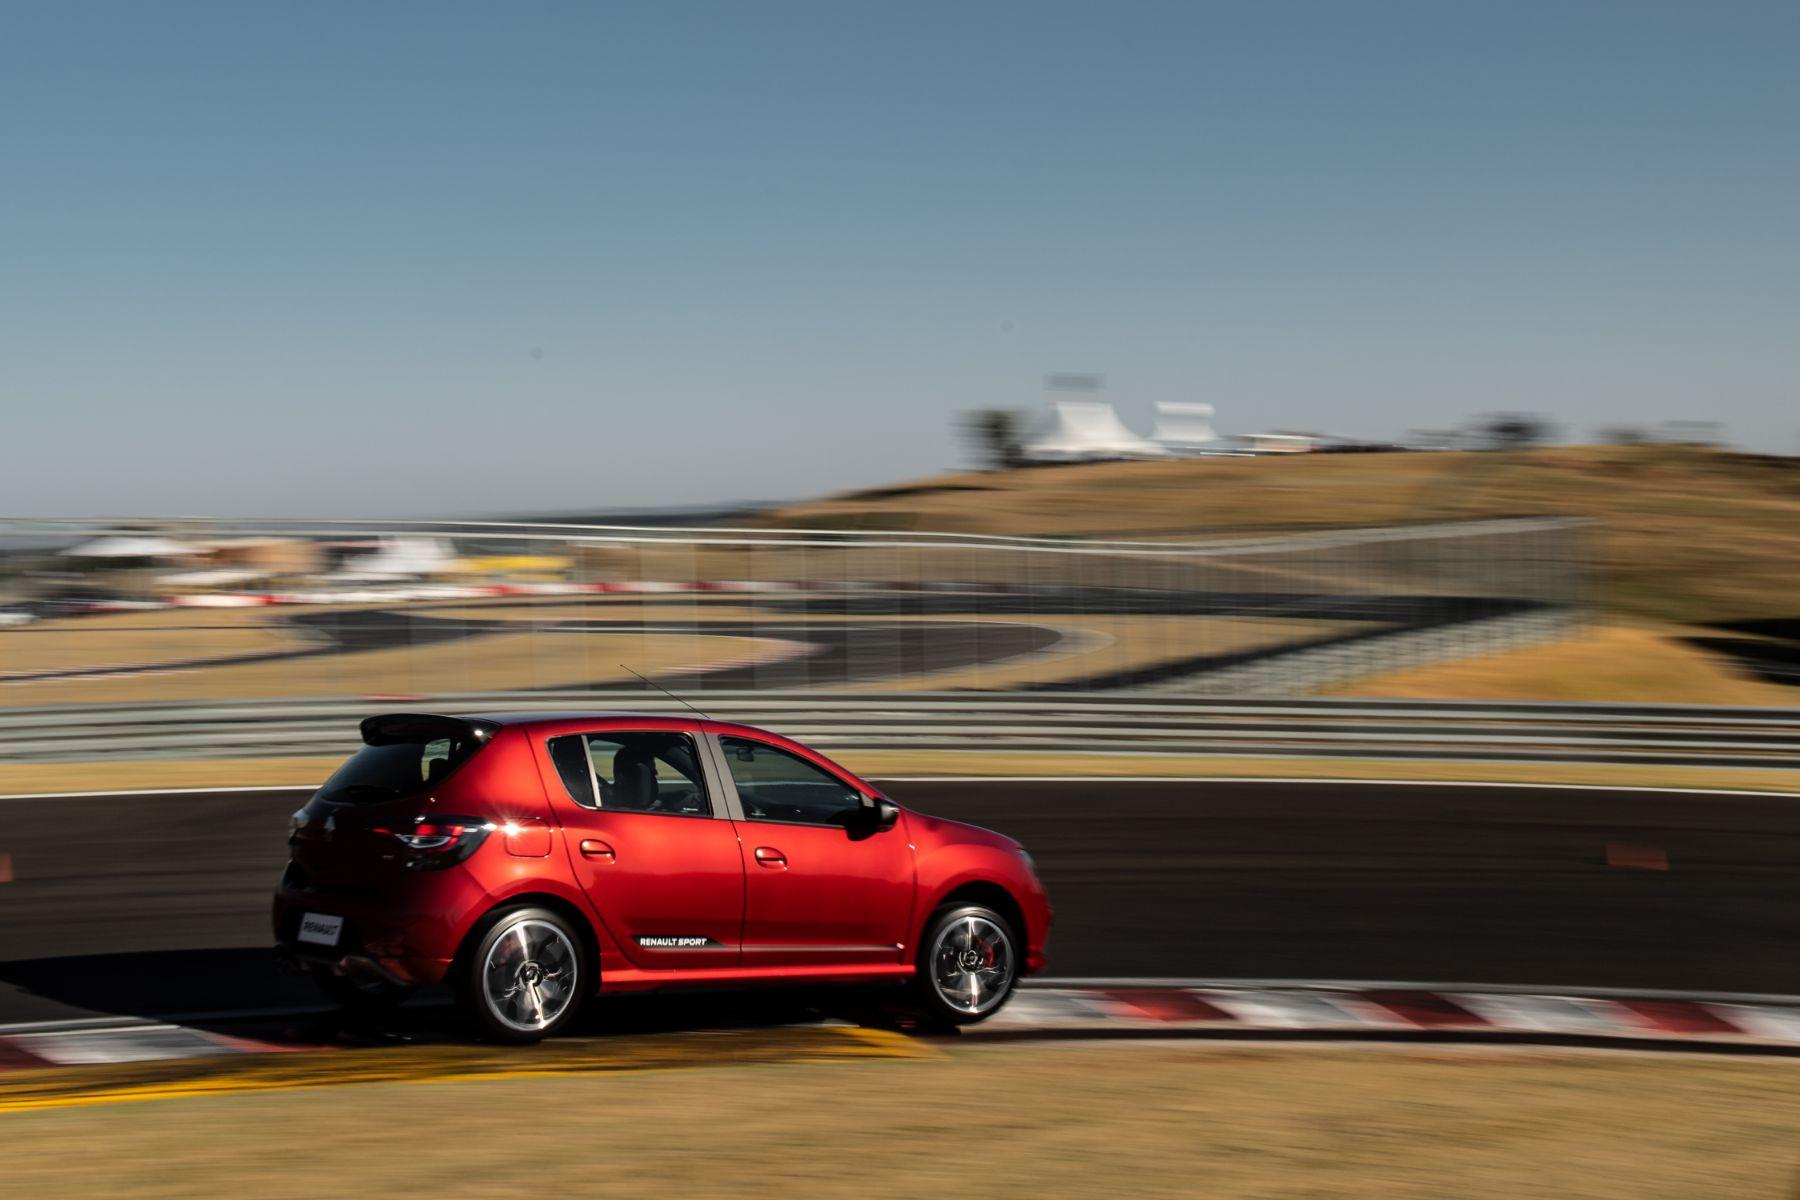 renault sandero r s vermelho lateral fazendo curva forte em autodromo